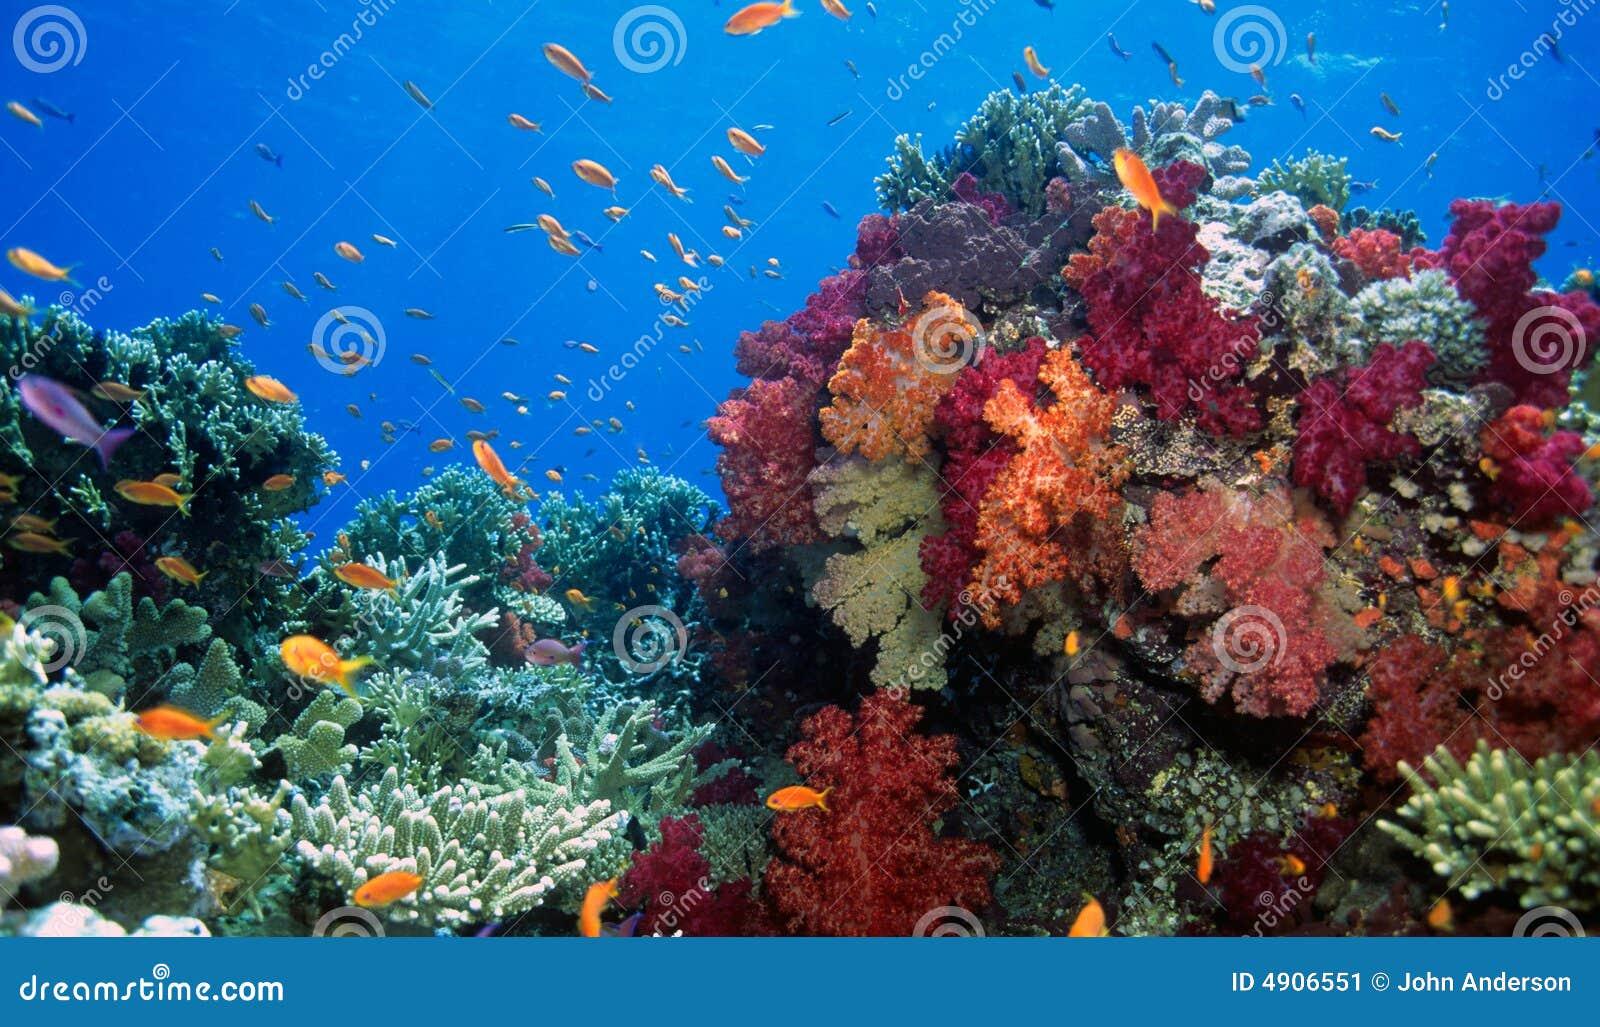 Weiche Korallenriffszene